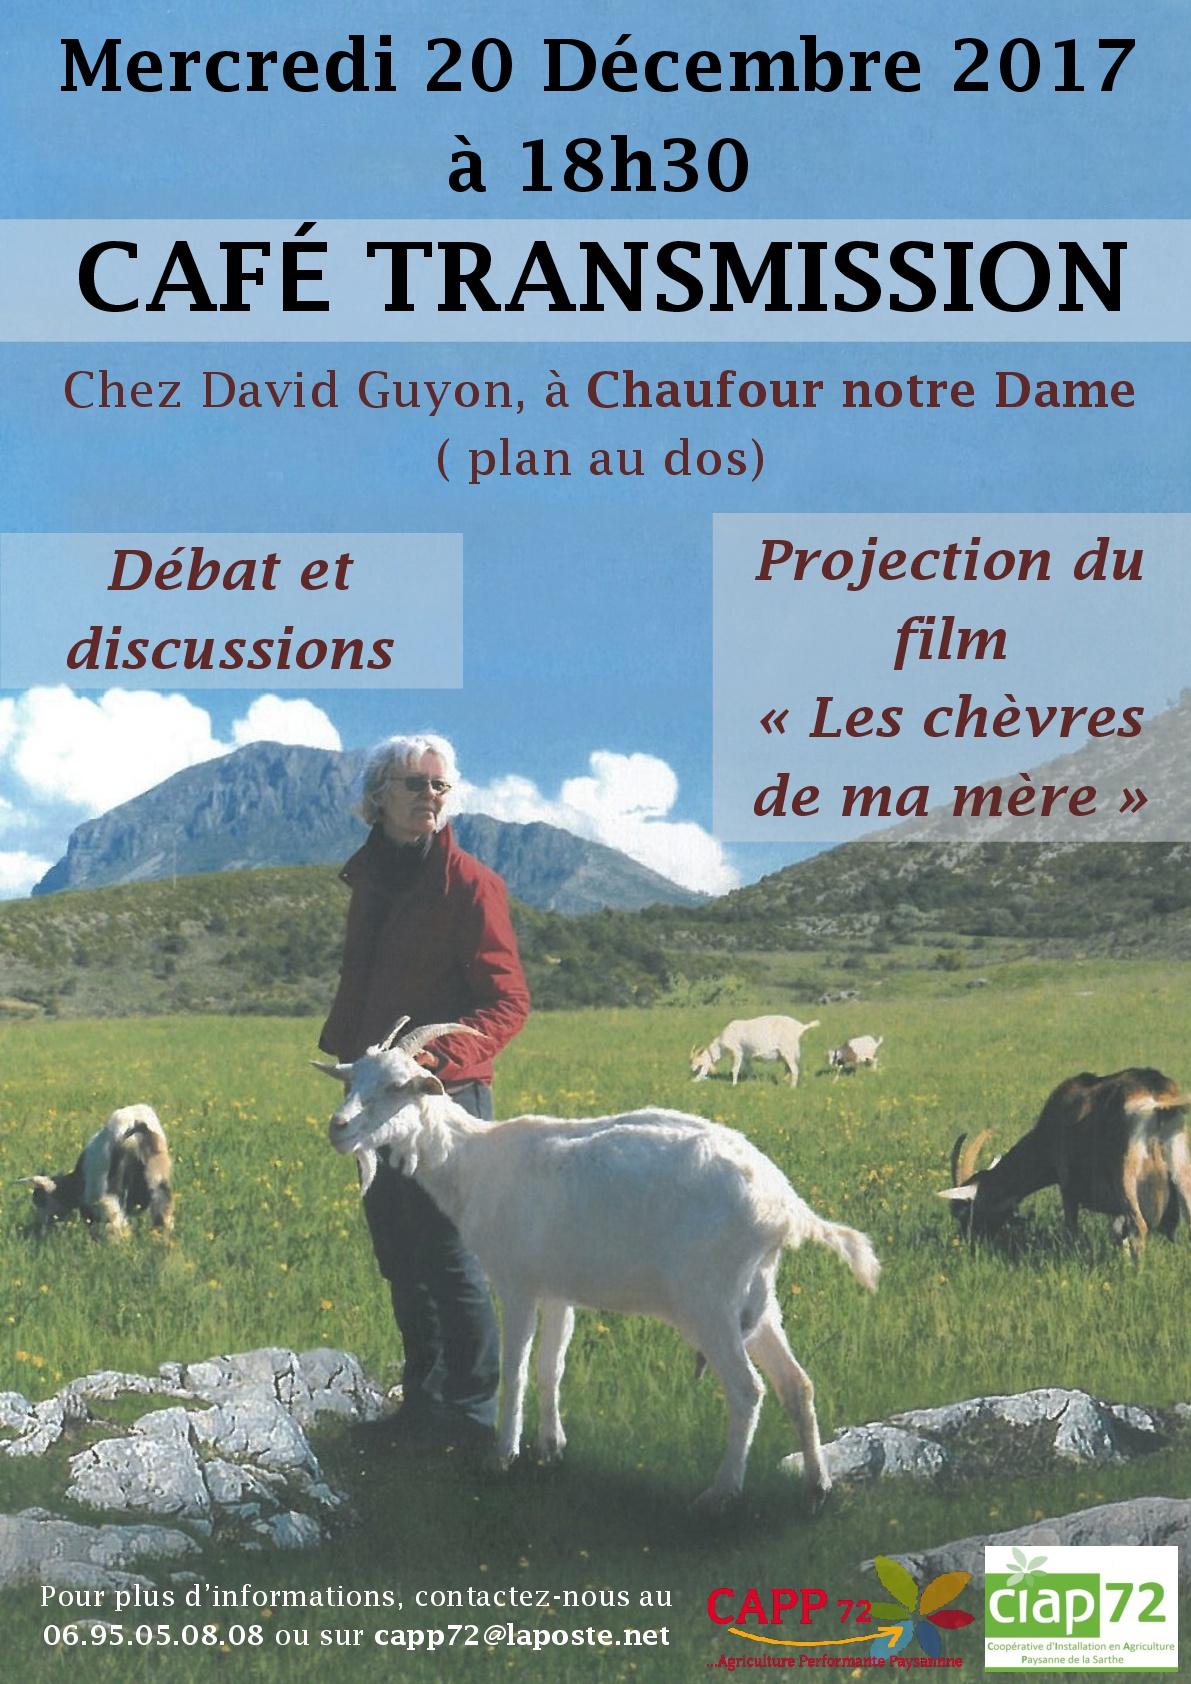 affiche-cafe-transmission-20_12_17-001.jpg